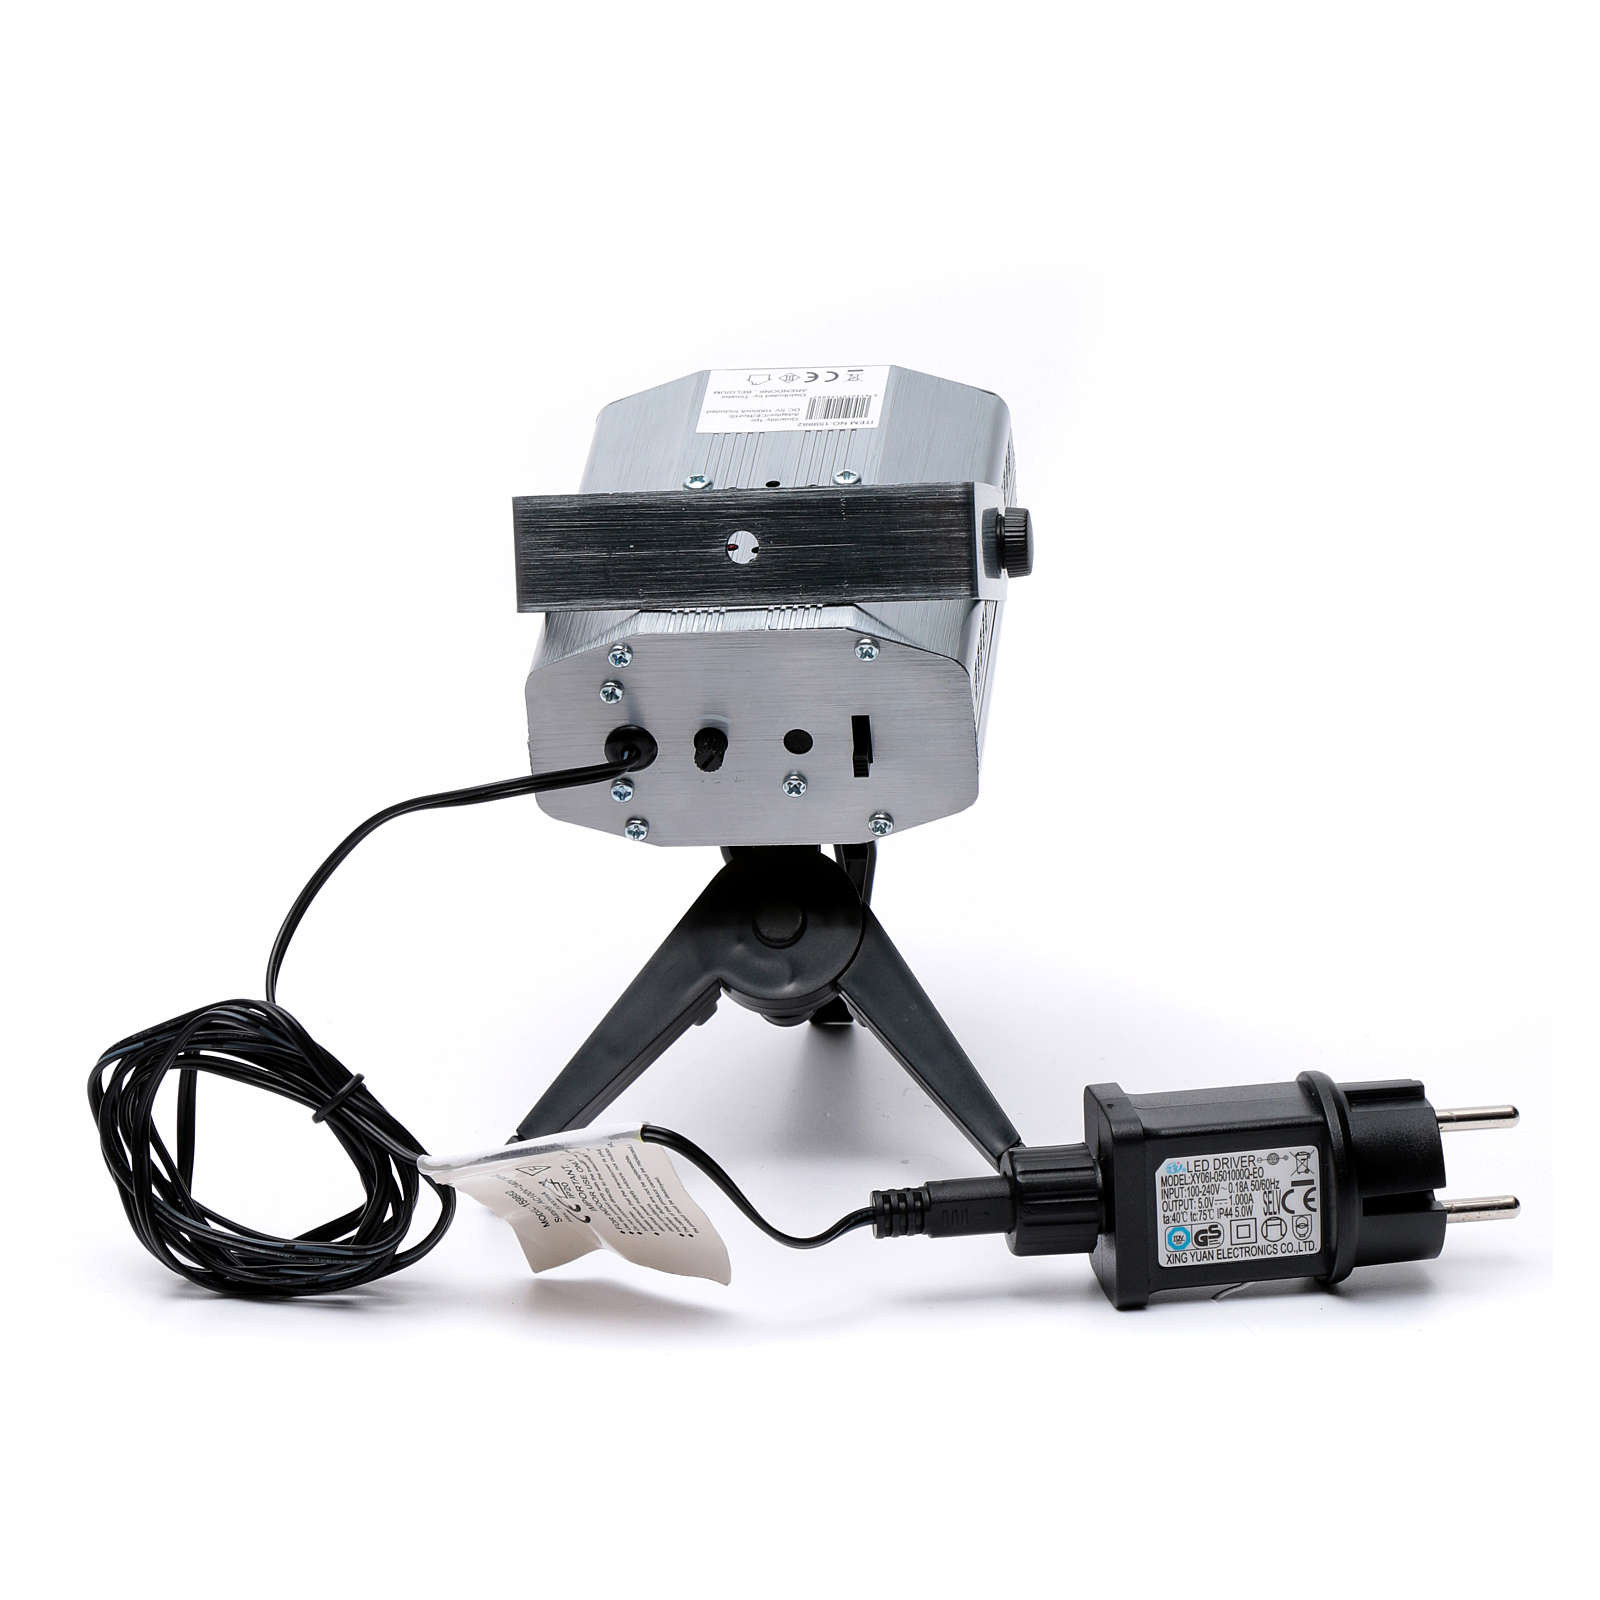 Proiettore laser per interni punti in movimento cuori verde rosso 3